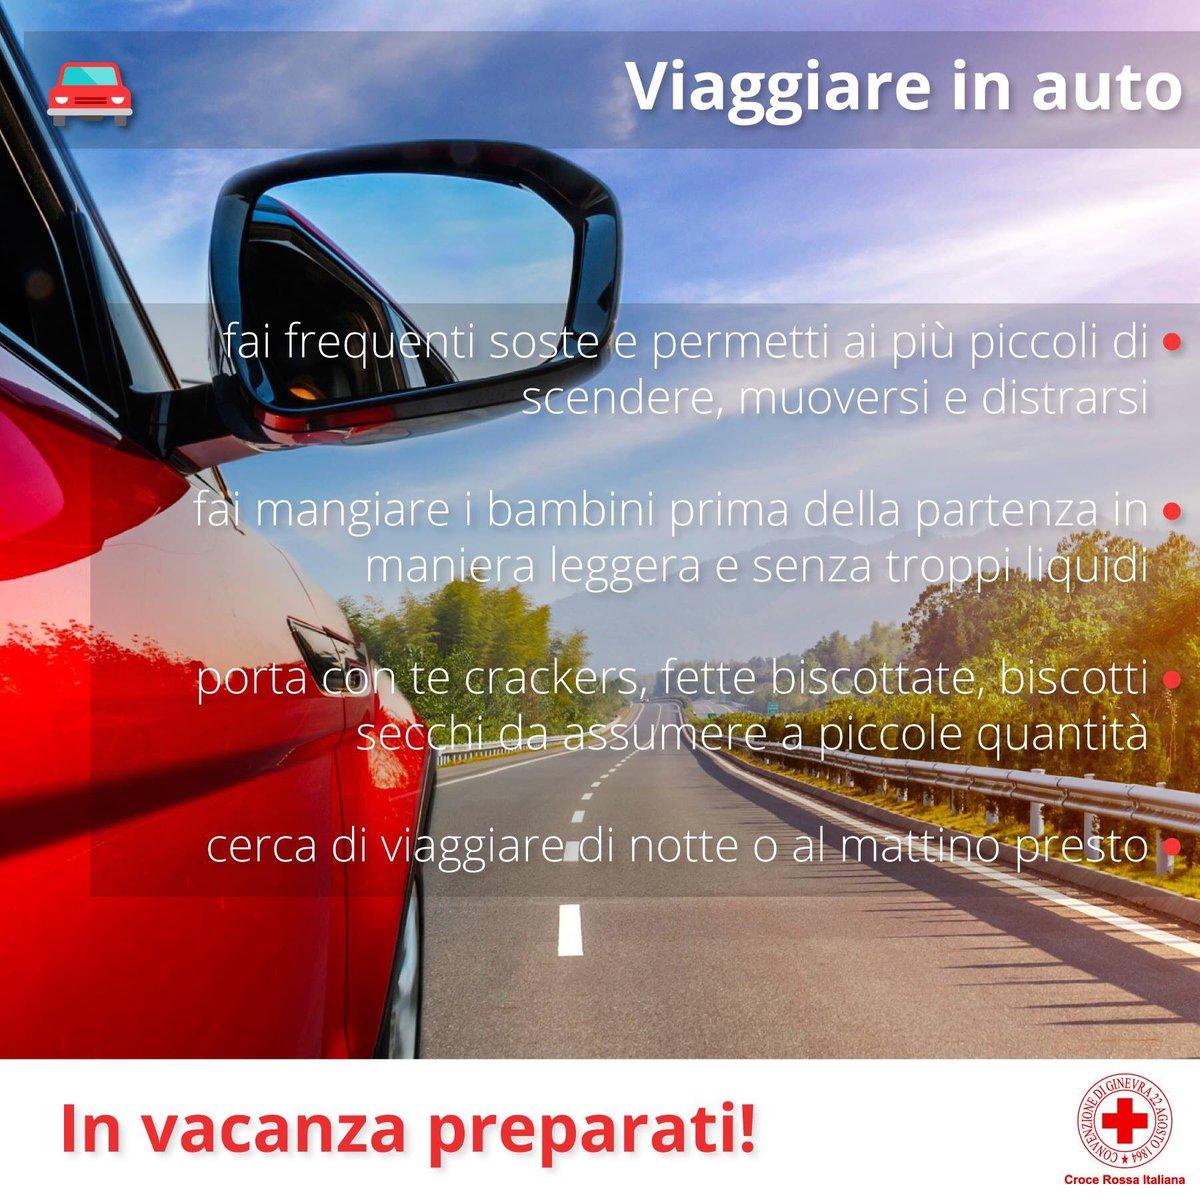 Croce Rossa Druento On Twitter Buon Viaggio E Buone Vacanze Dalla